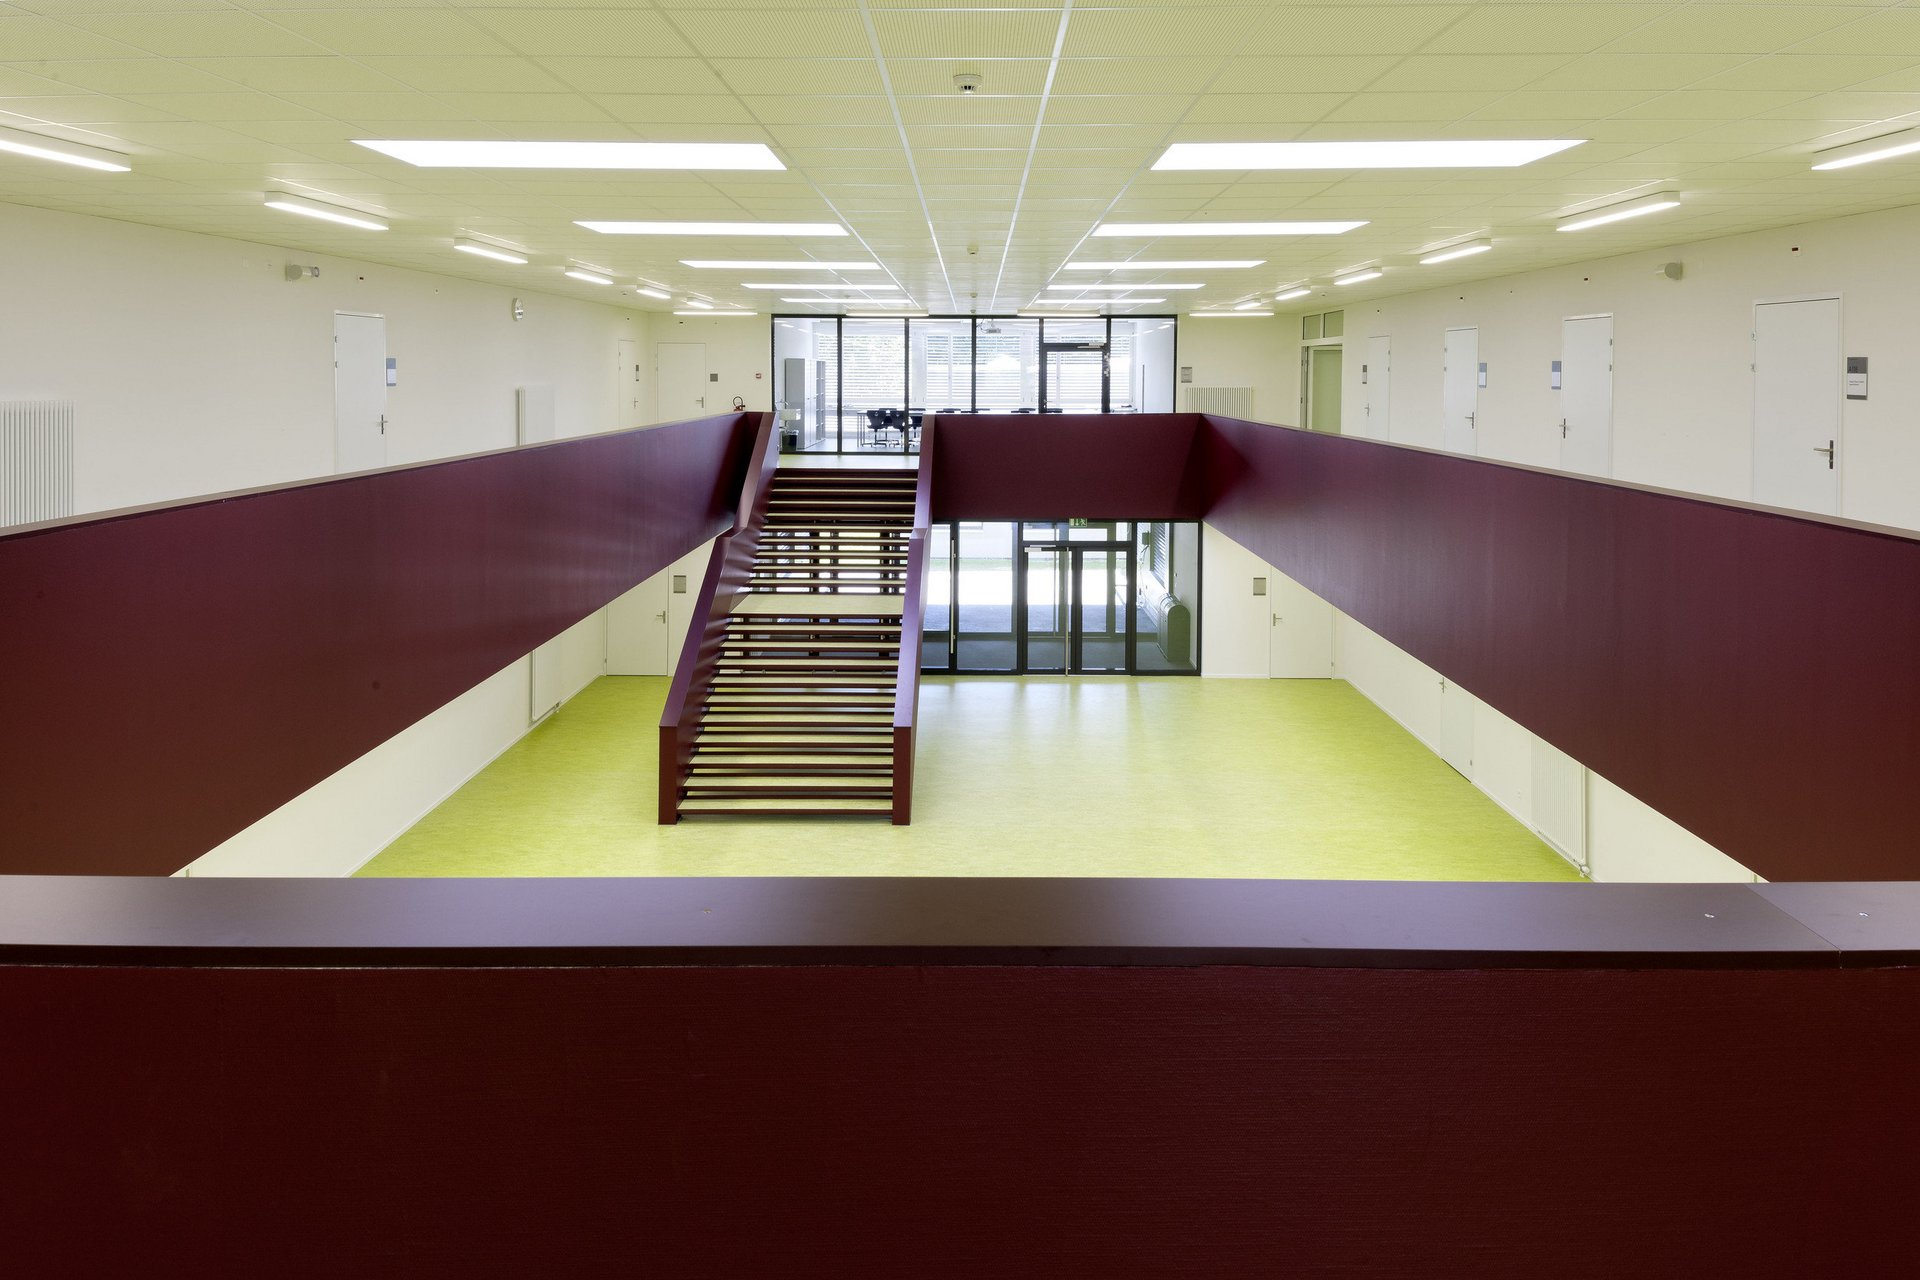 Schulgebäude von innen mit Sicht von 1. OG auf Innenhof im EG und auf rote Holztreppe